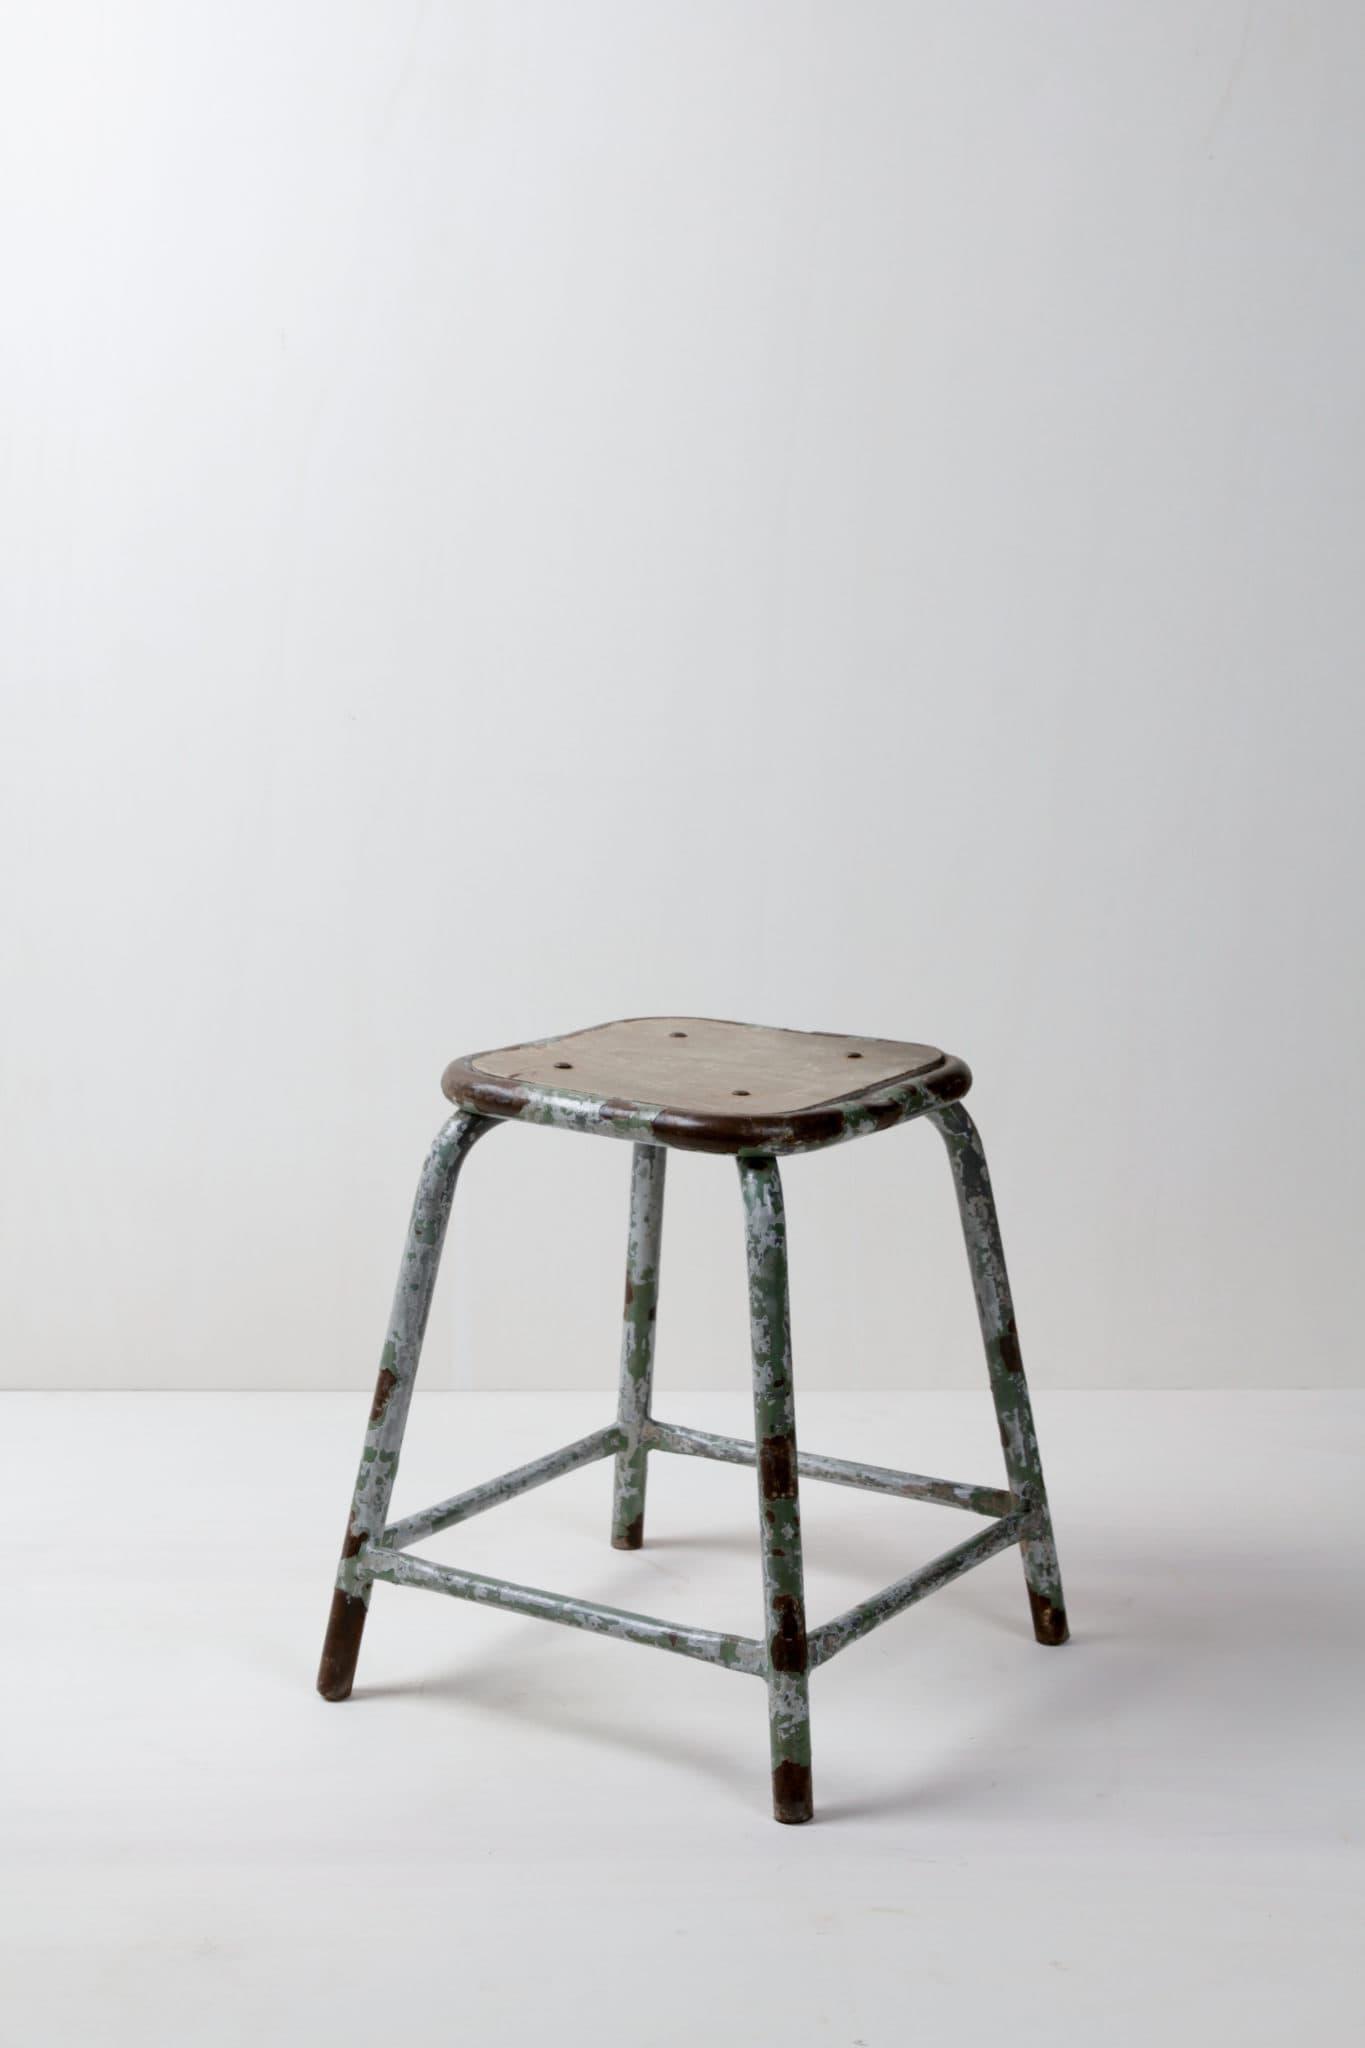 Hocker, Stühle,Tische, mieten, Mullca Hocker Frankreich